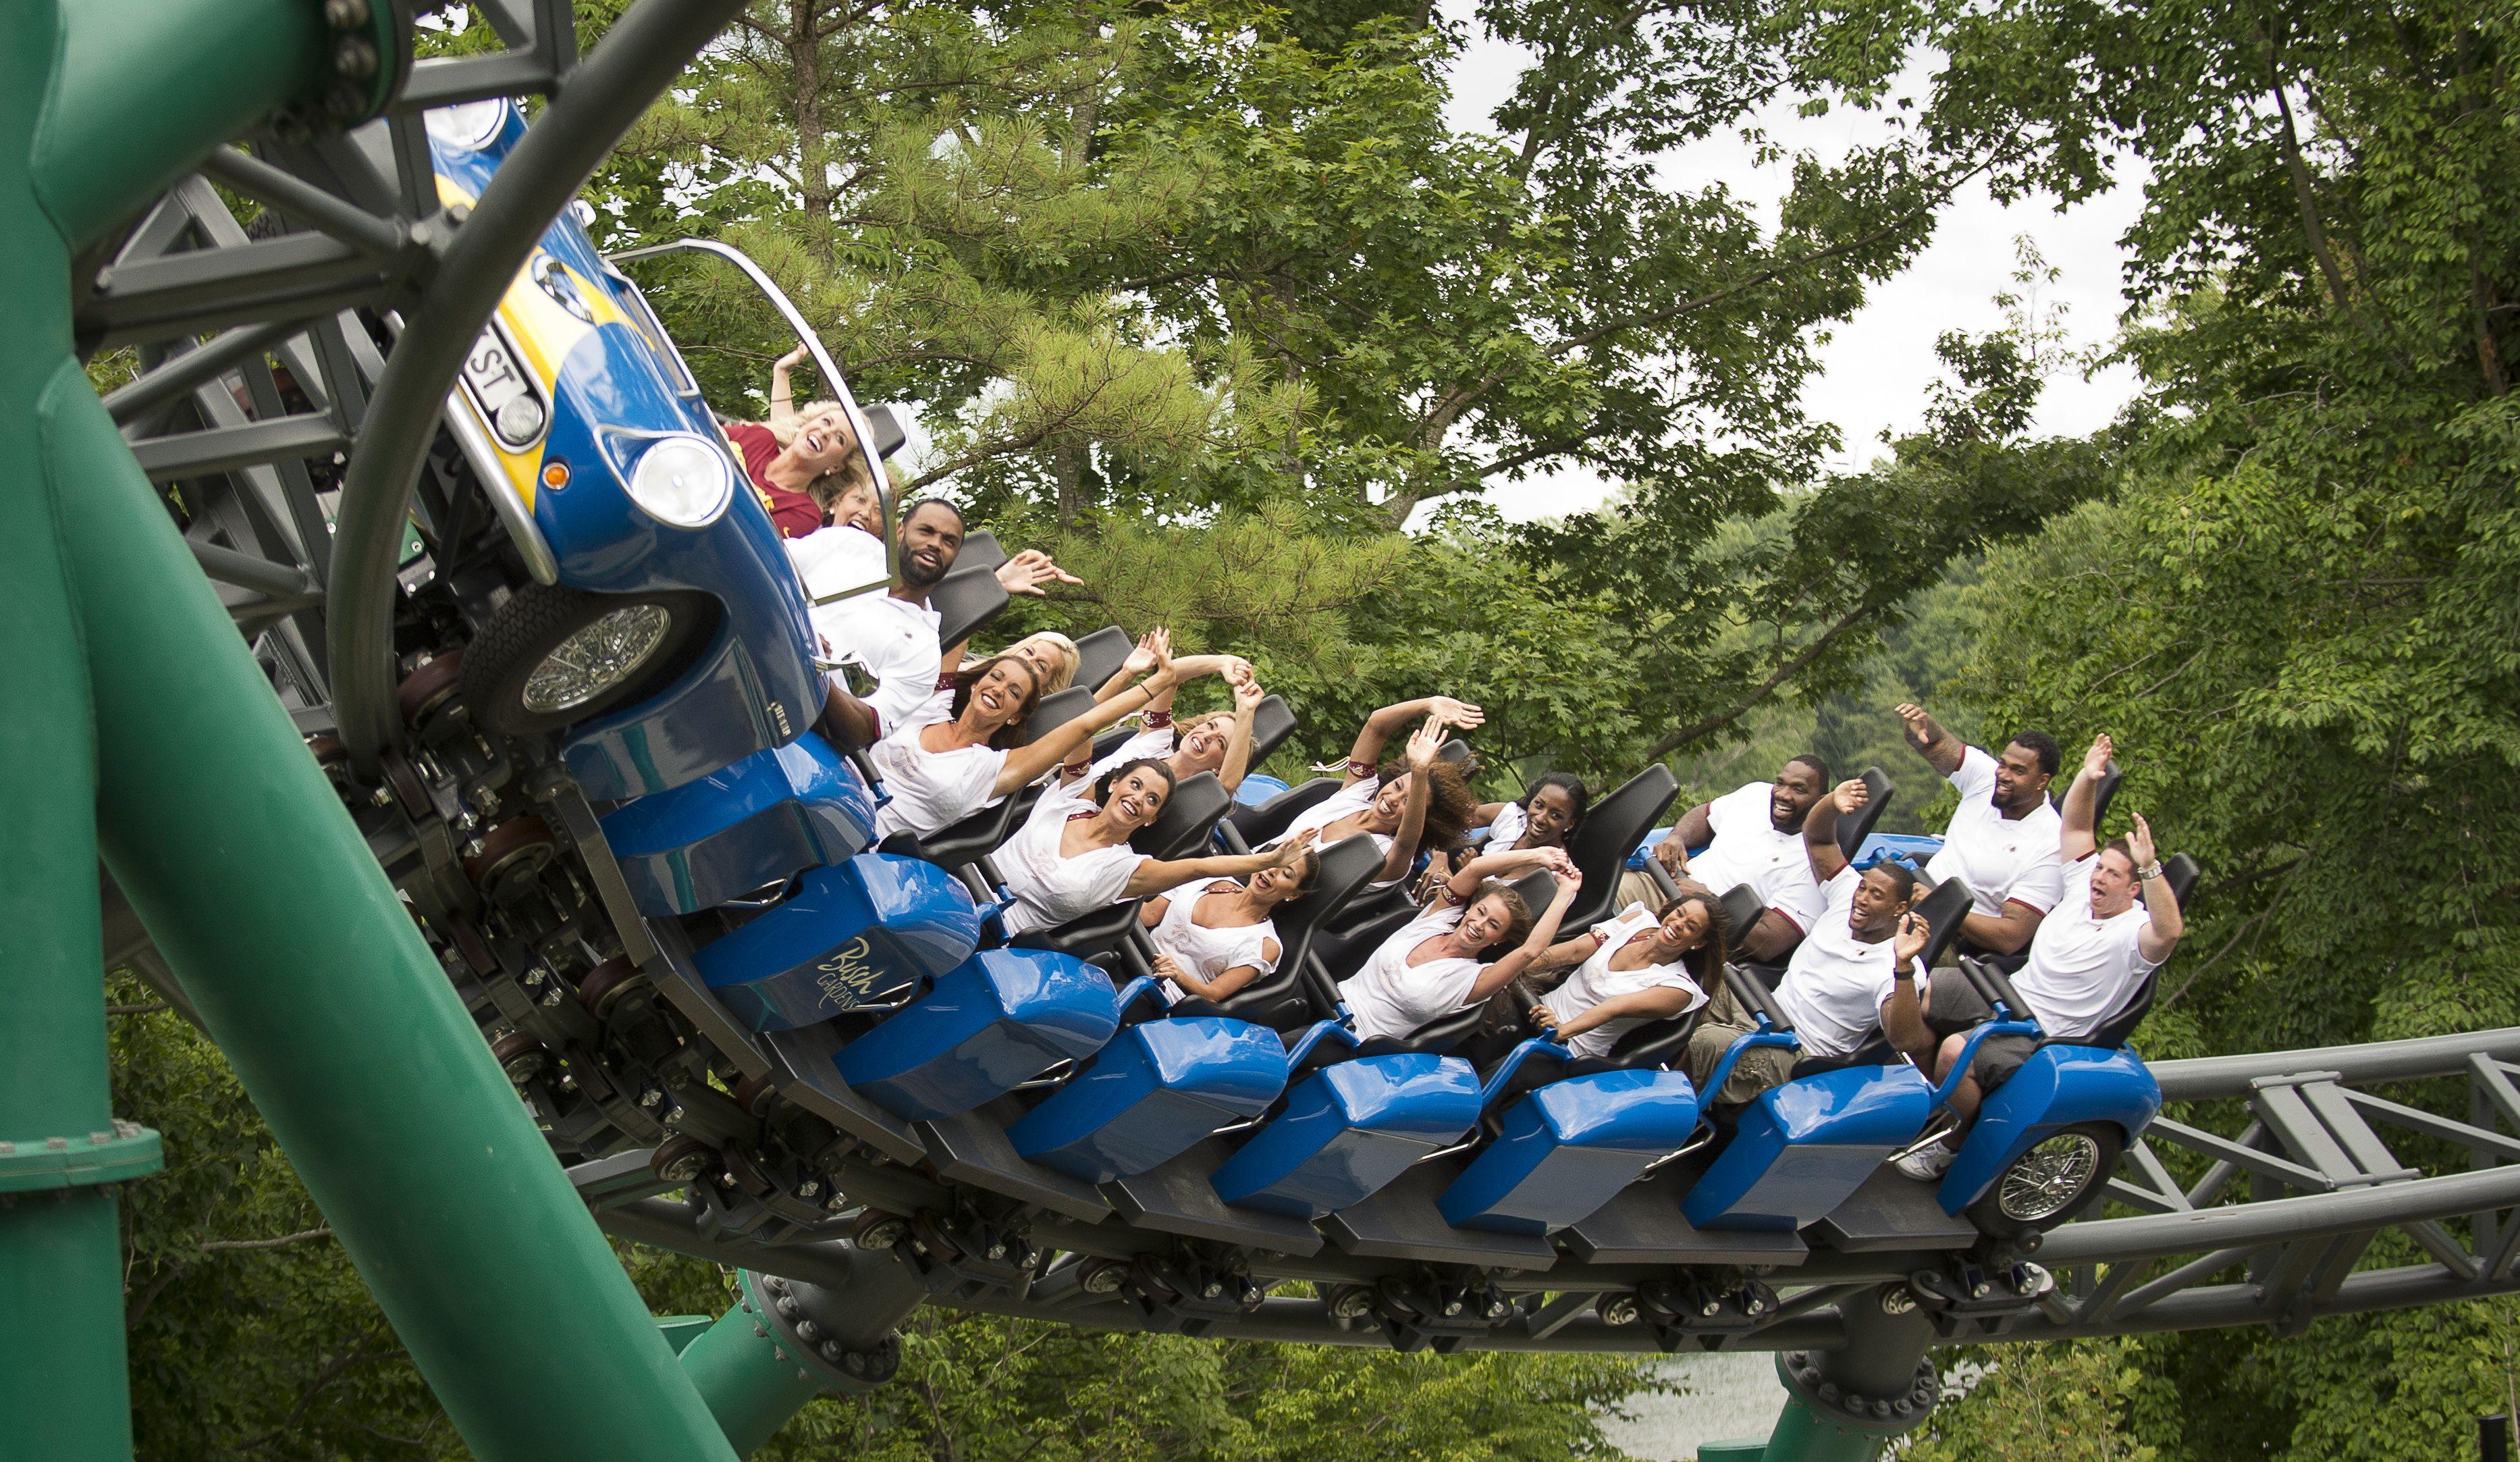 People riding Verbolten roller coaster at Busch Gardens in Williamsburg, Virginia